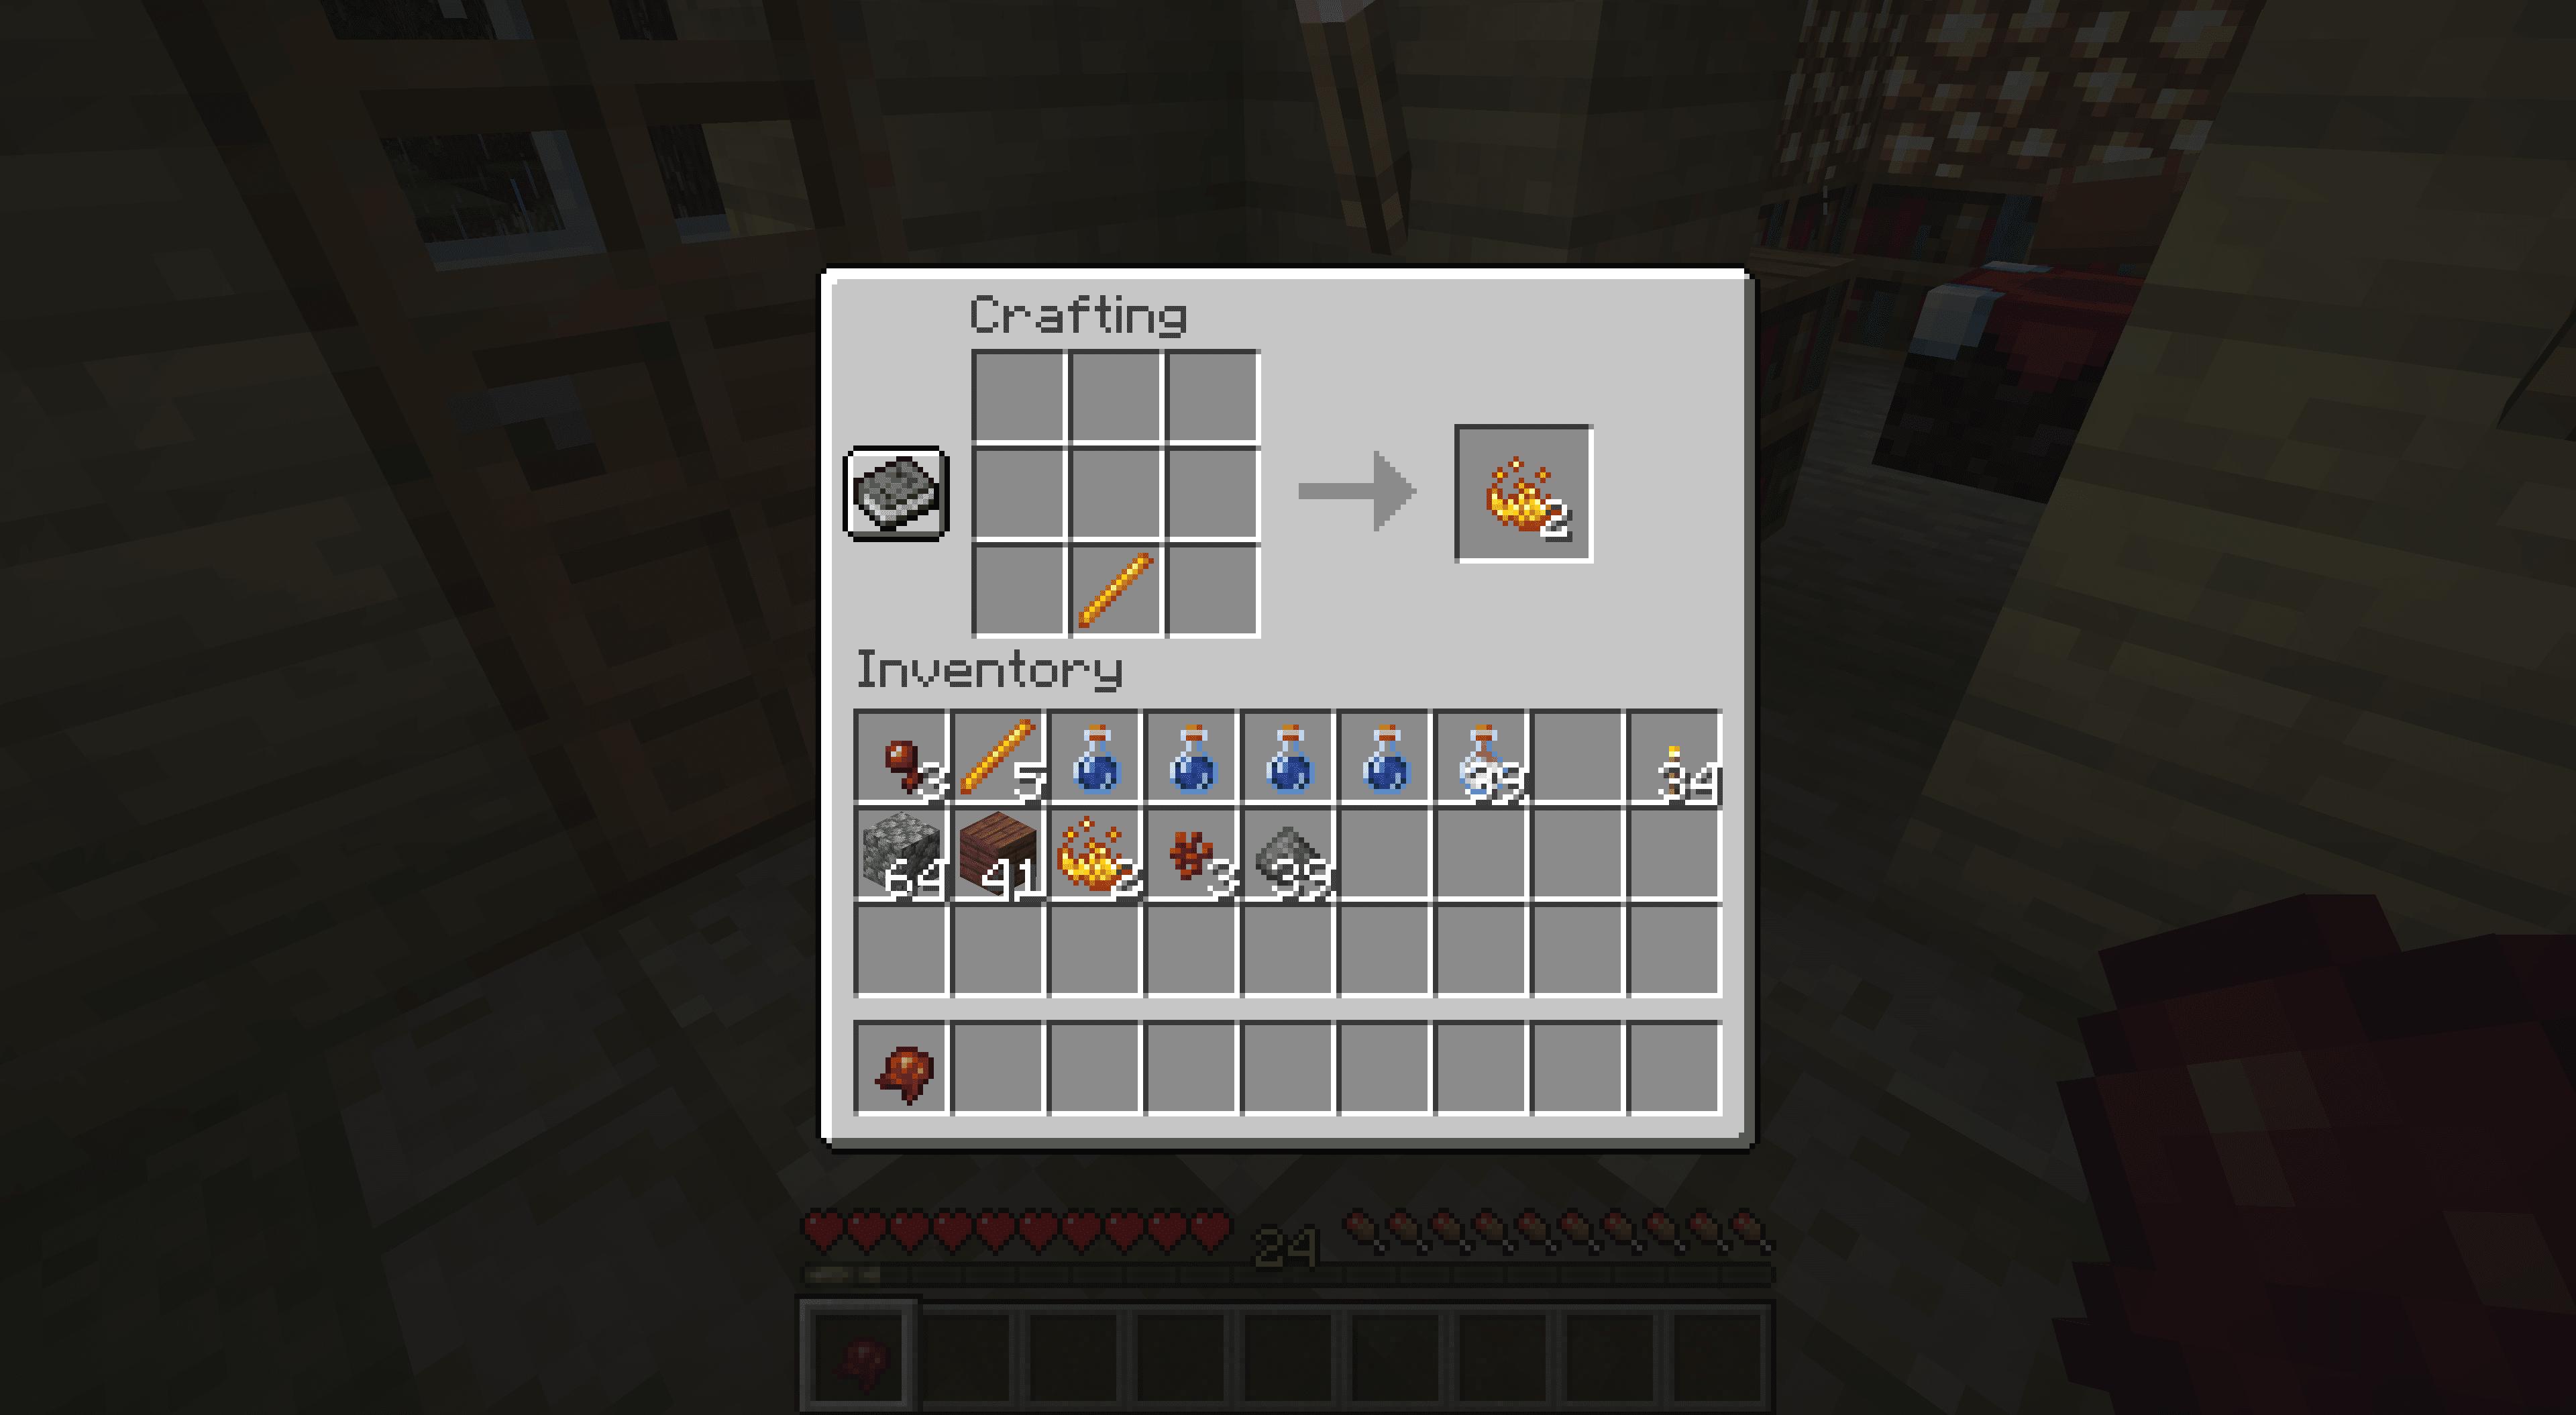 Making blaze powder in Minecraft.